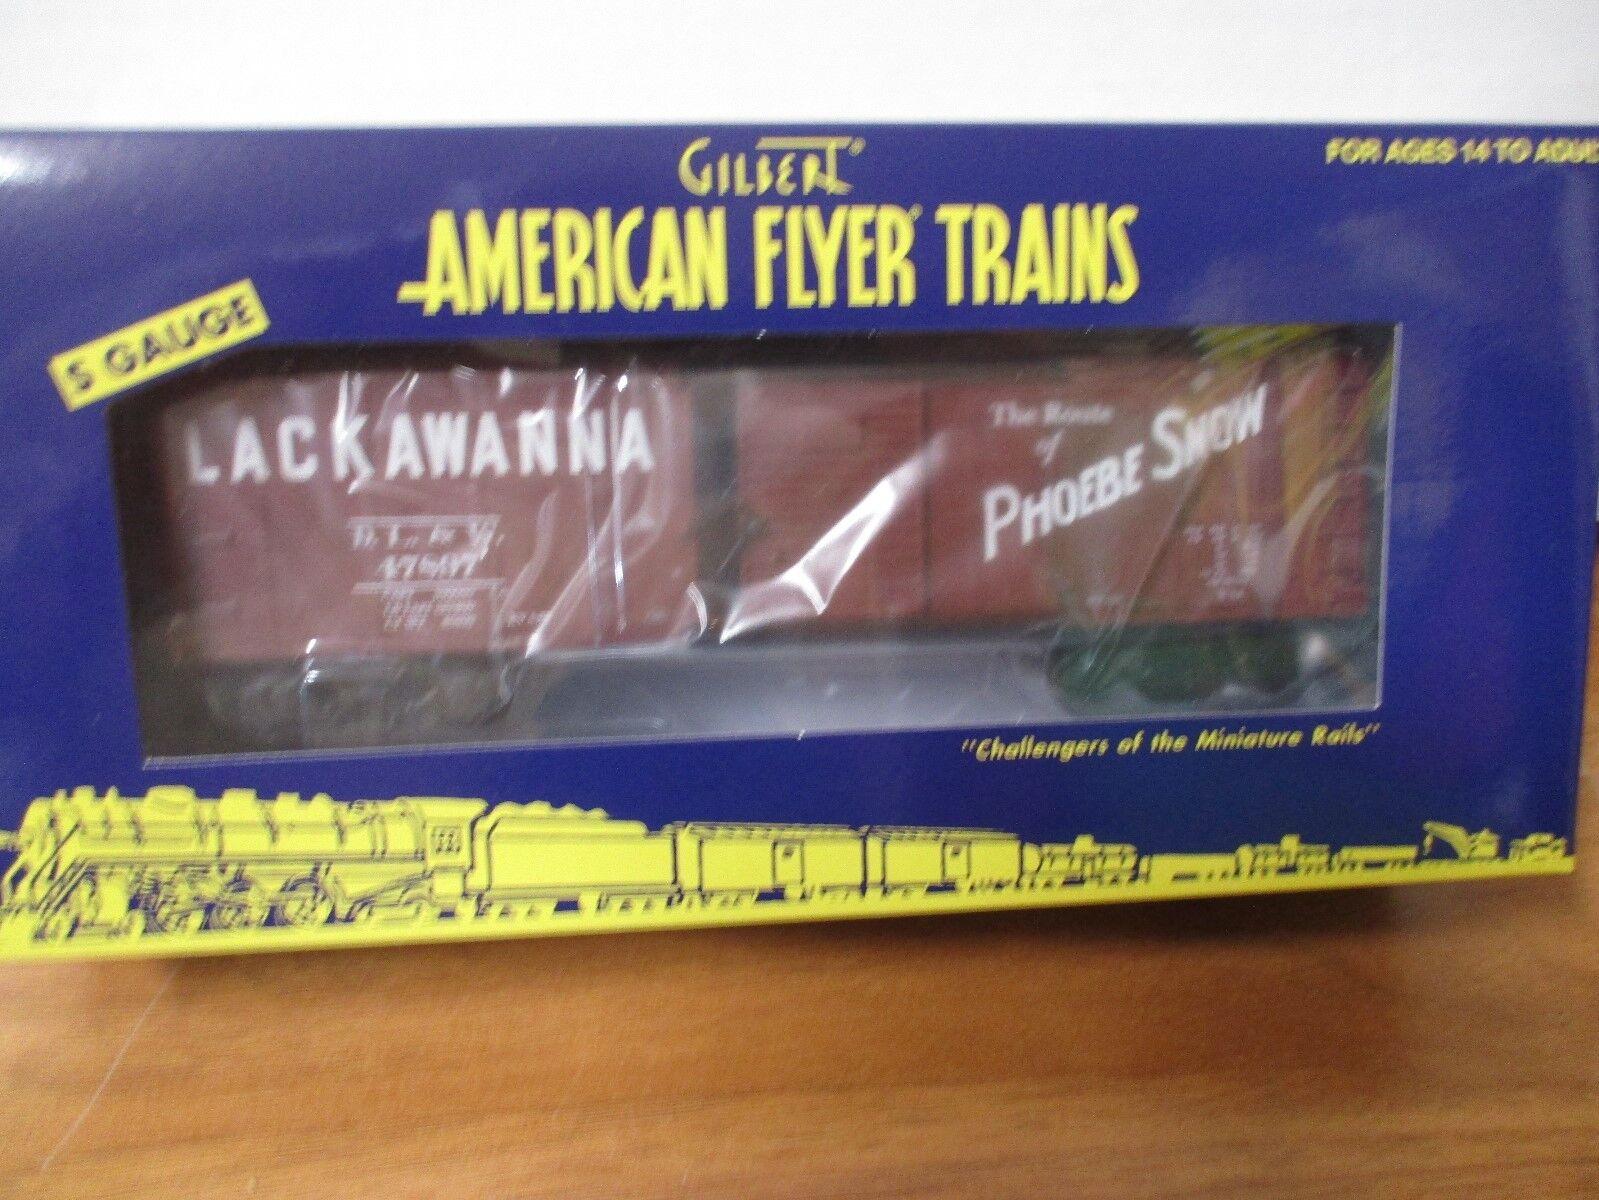 American Flyer LTI 6-44074 Lackawanna coche de caja (7-19-18)